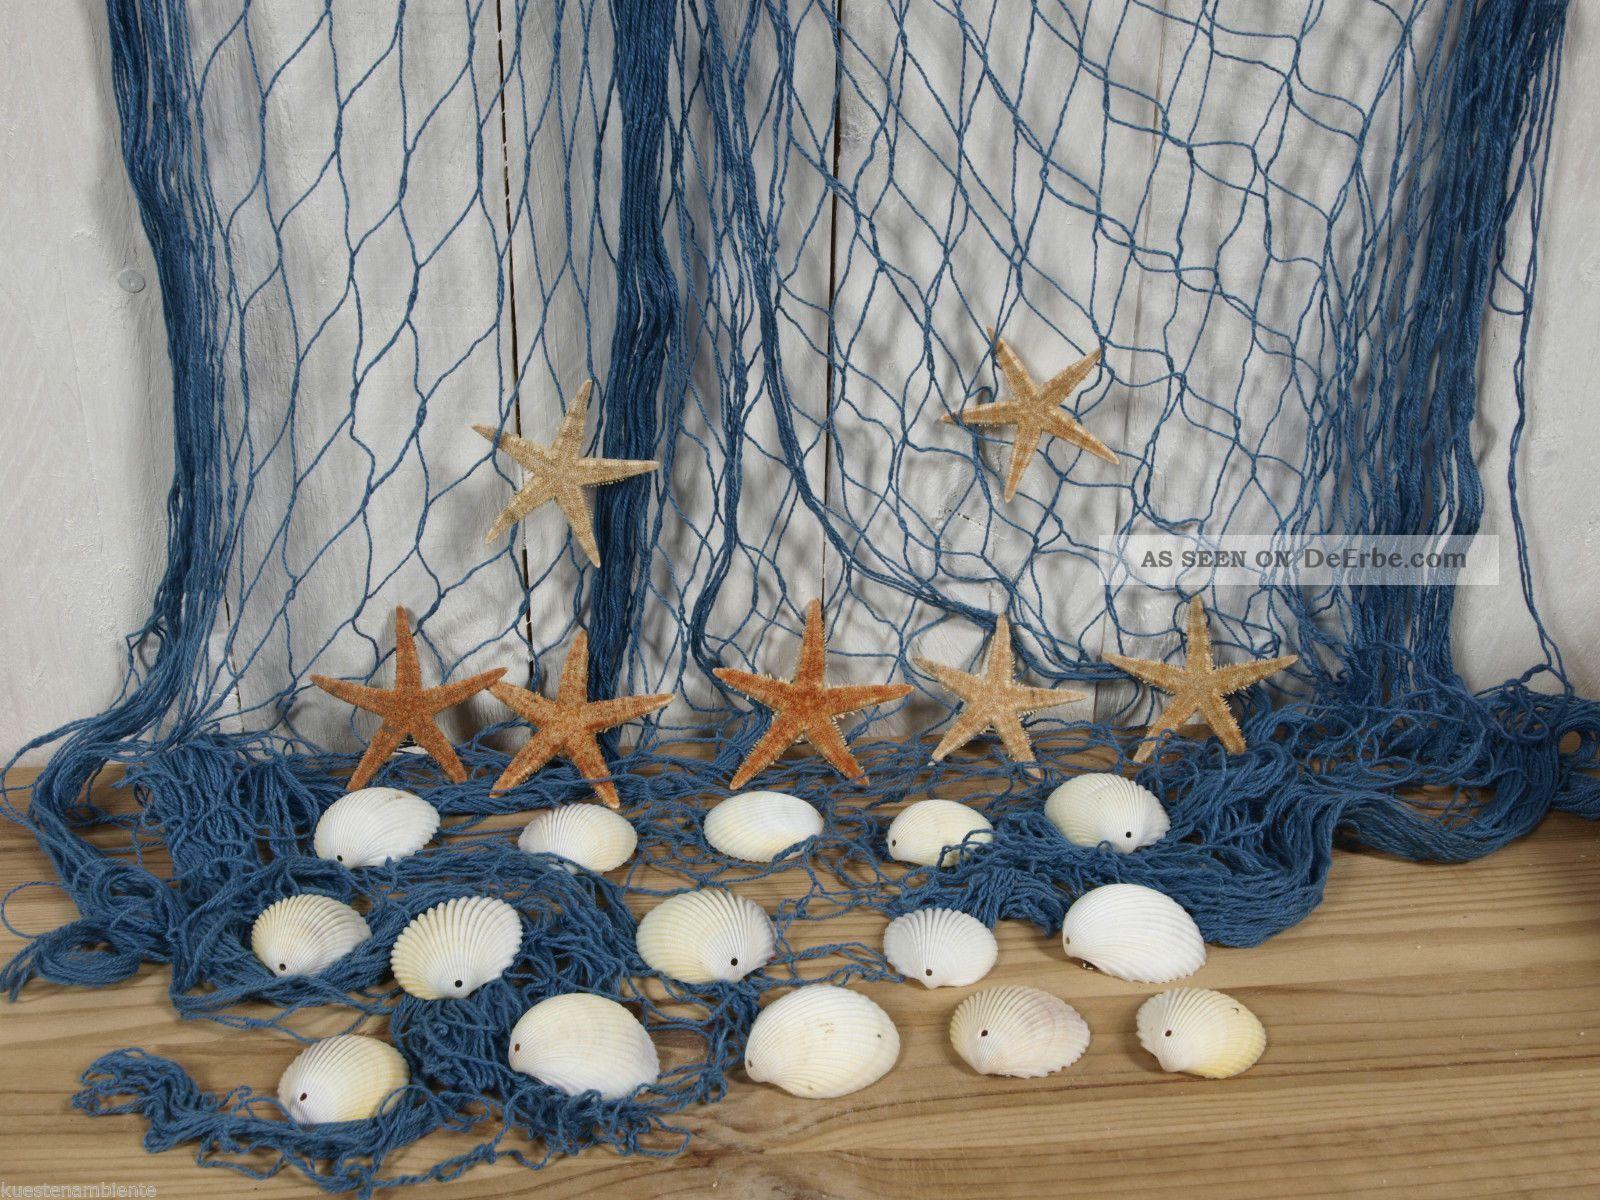 fischernetz 2 x 4m blau mit 7 seesternen und 15 muscheln f r die maritime deko. Black Bedroom Furniture Sets. Home Design Ideas